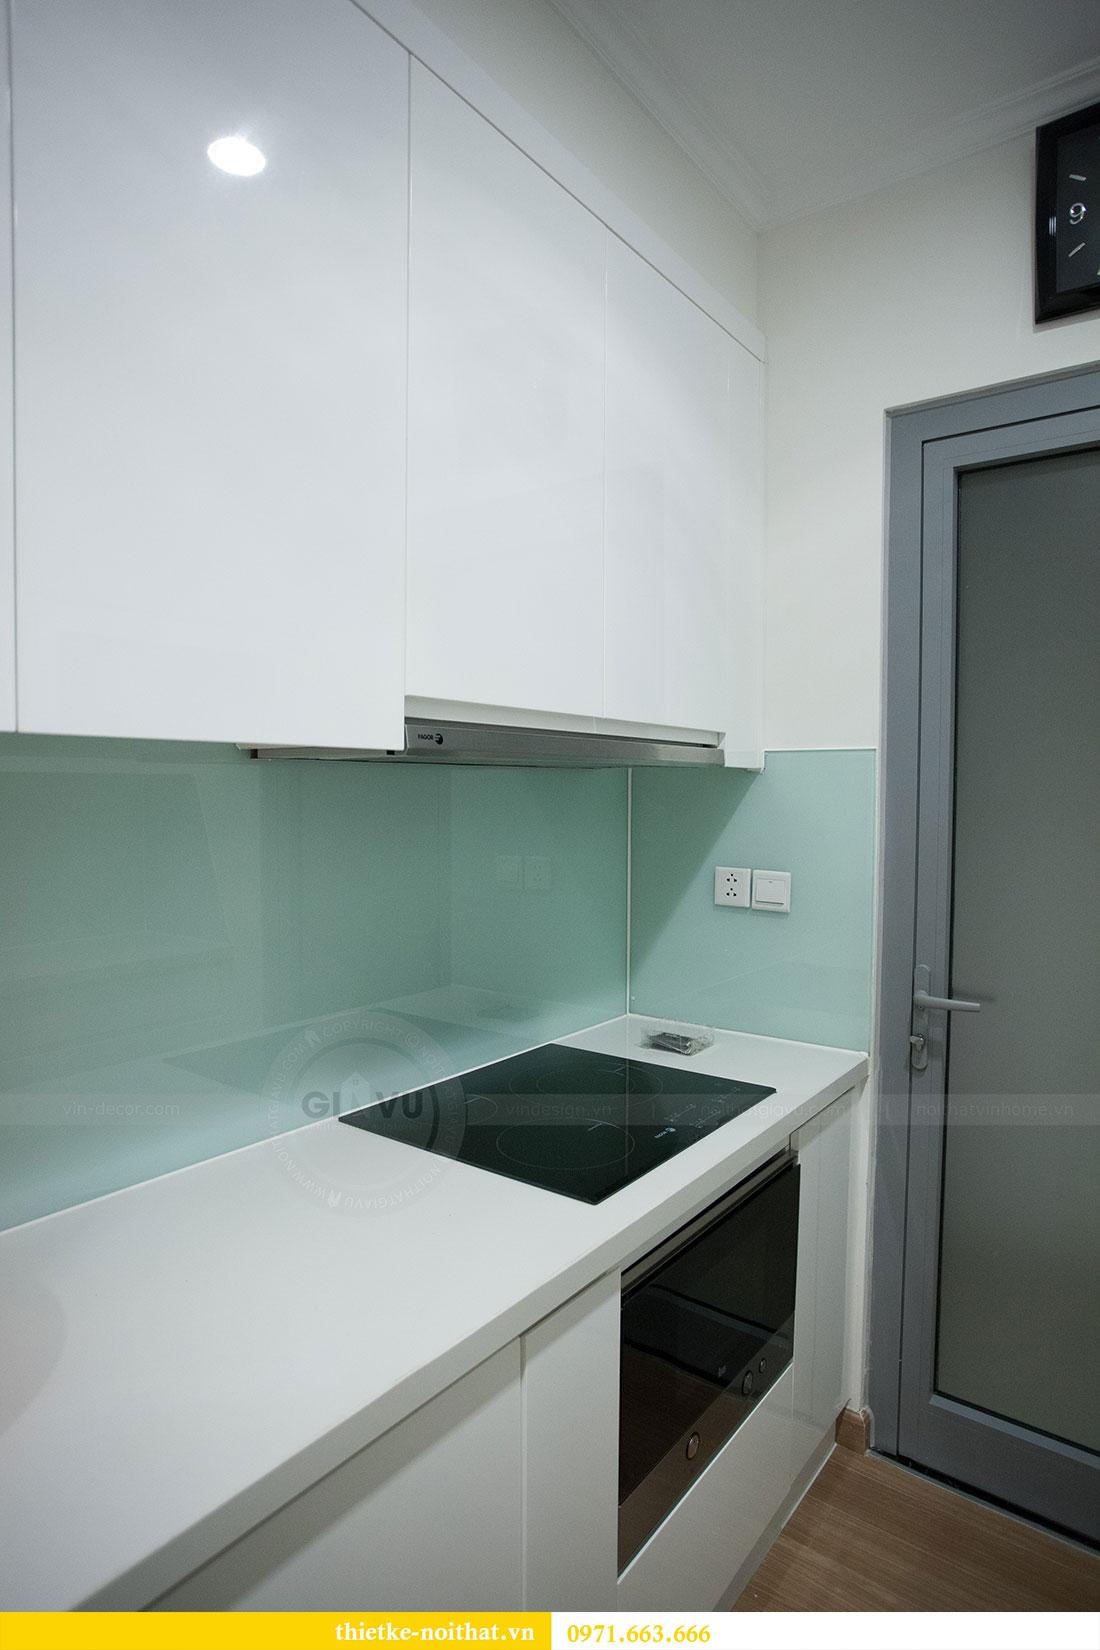 Thi công nội thất trọn gói tại Hà Nội - Lh 0971663666 view 8